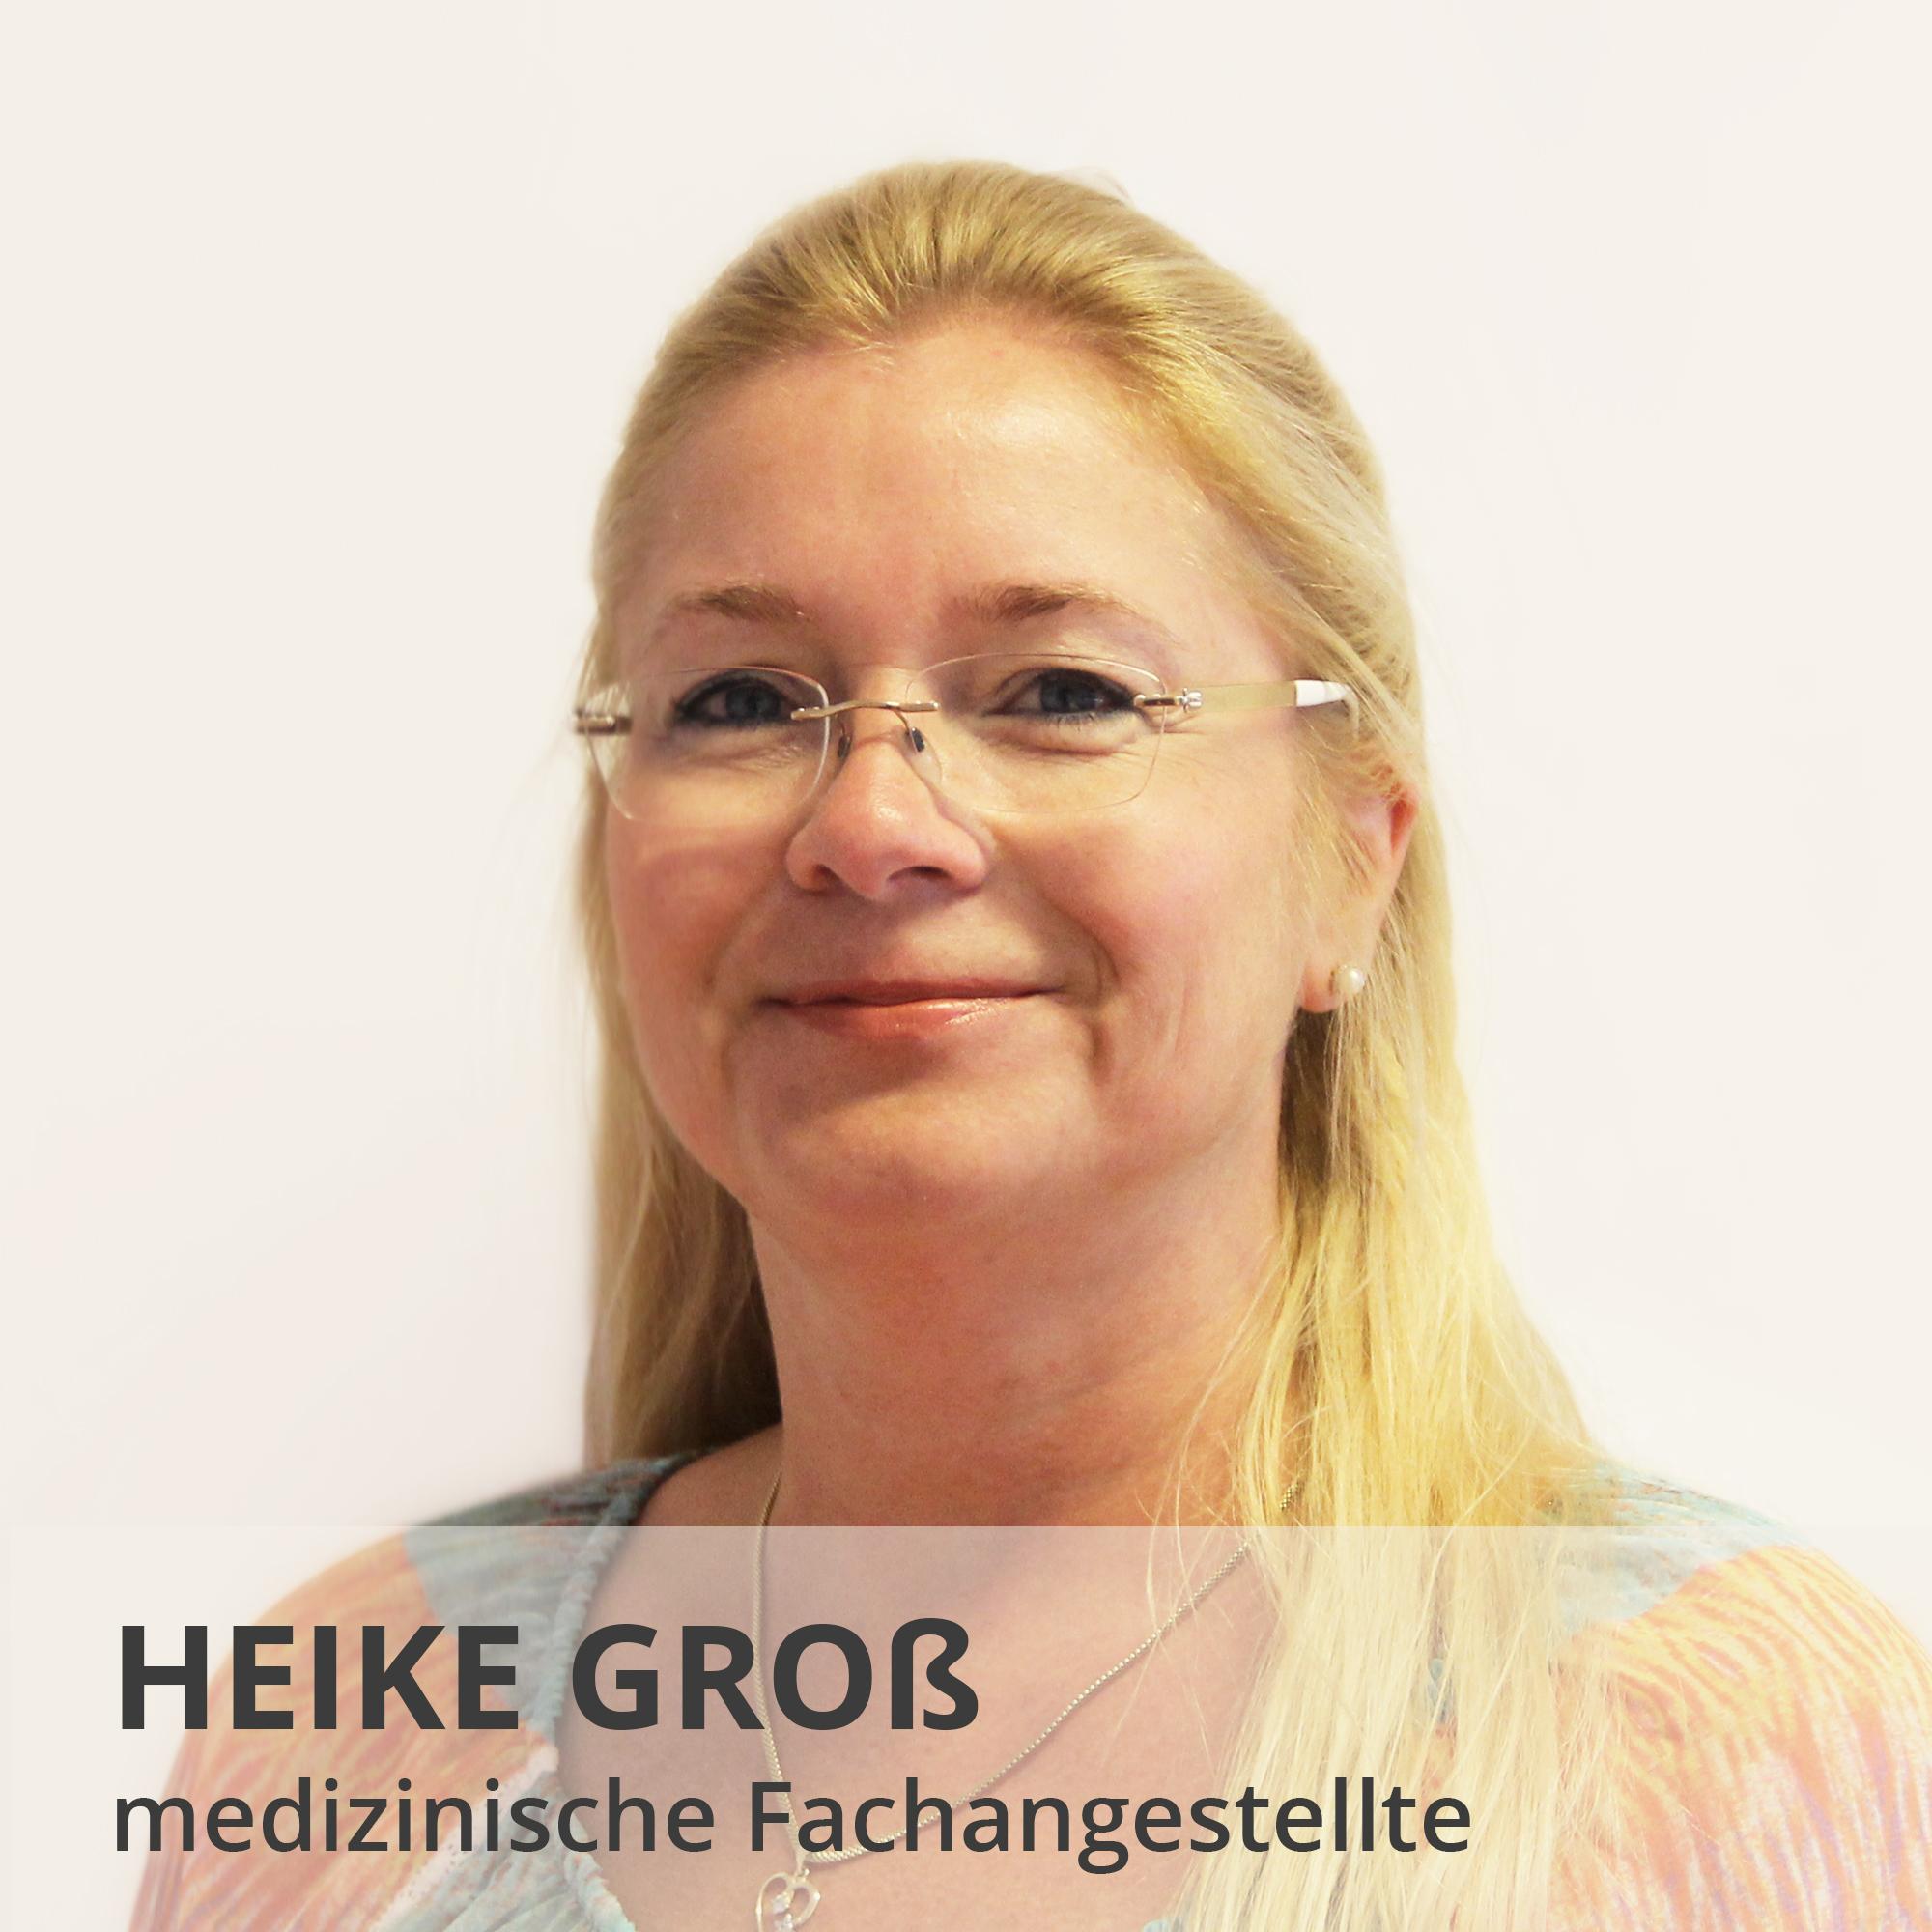 Heike_Groß_Orthopaedie_Friesland_